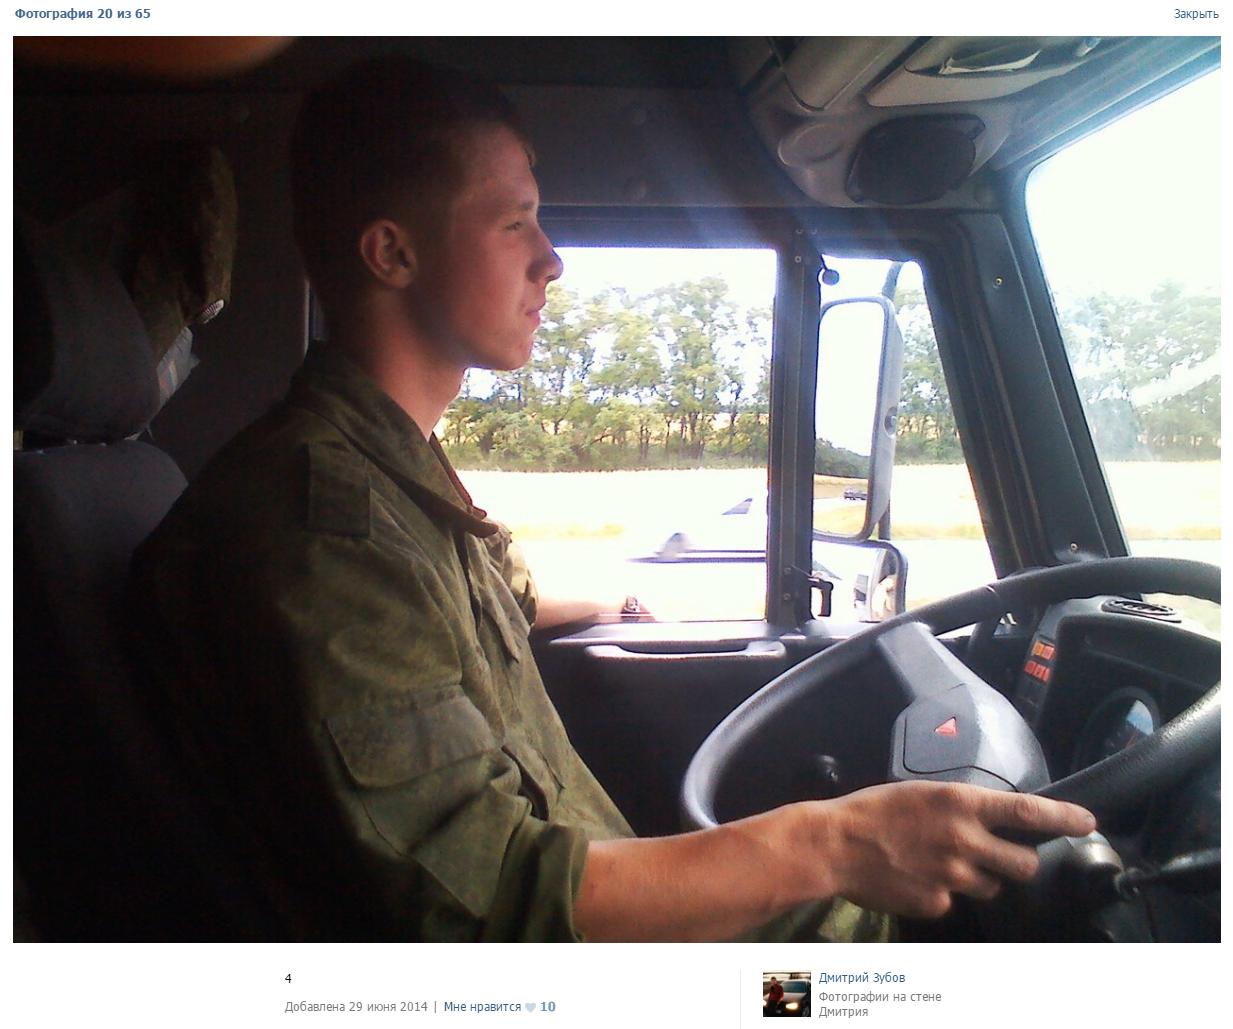 Украинские воины не покинут Широкино, пока террористы не прекратят обстрелы, - спикер АТО - Цензор.НЕТ 5469